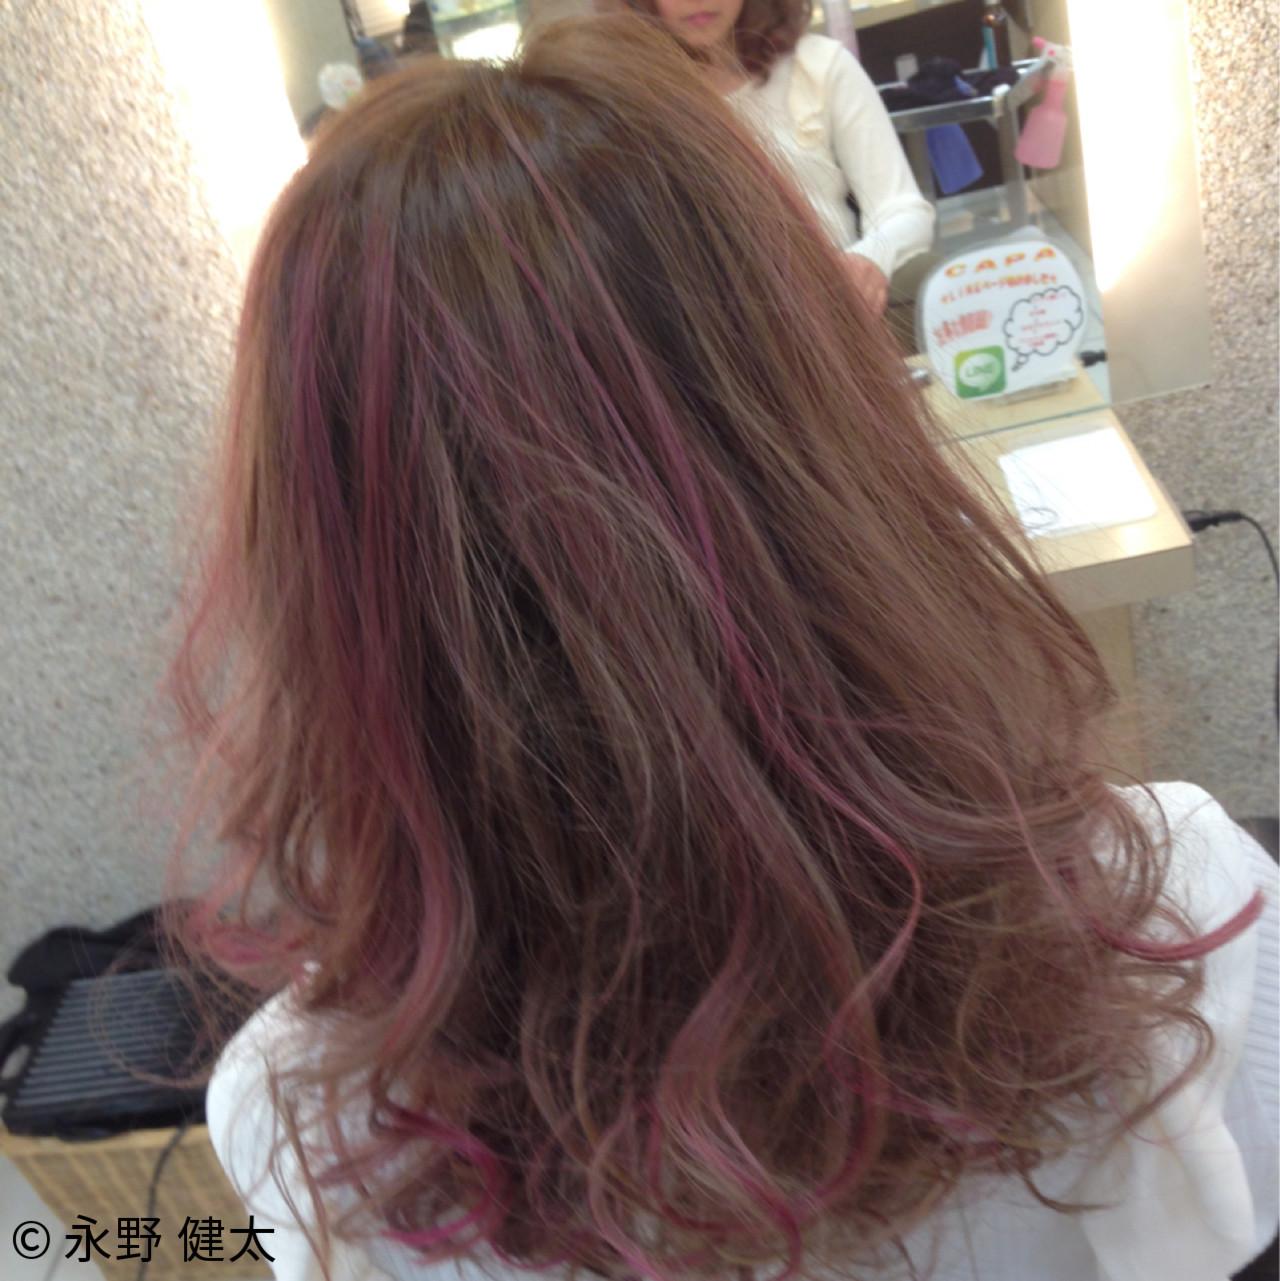 男ウケ満点♡超かわいいピンクメッシュヘア 永野 健太